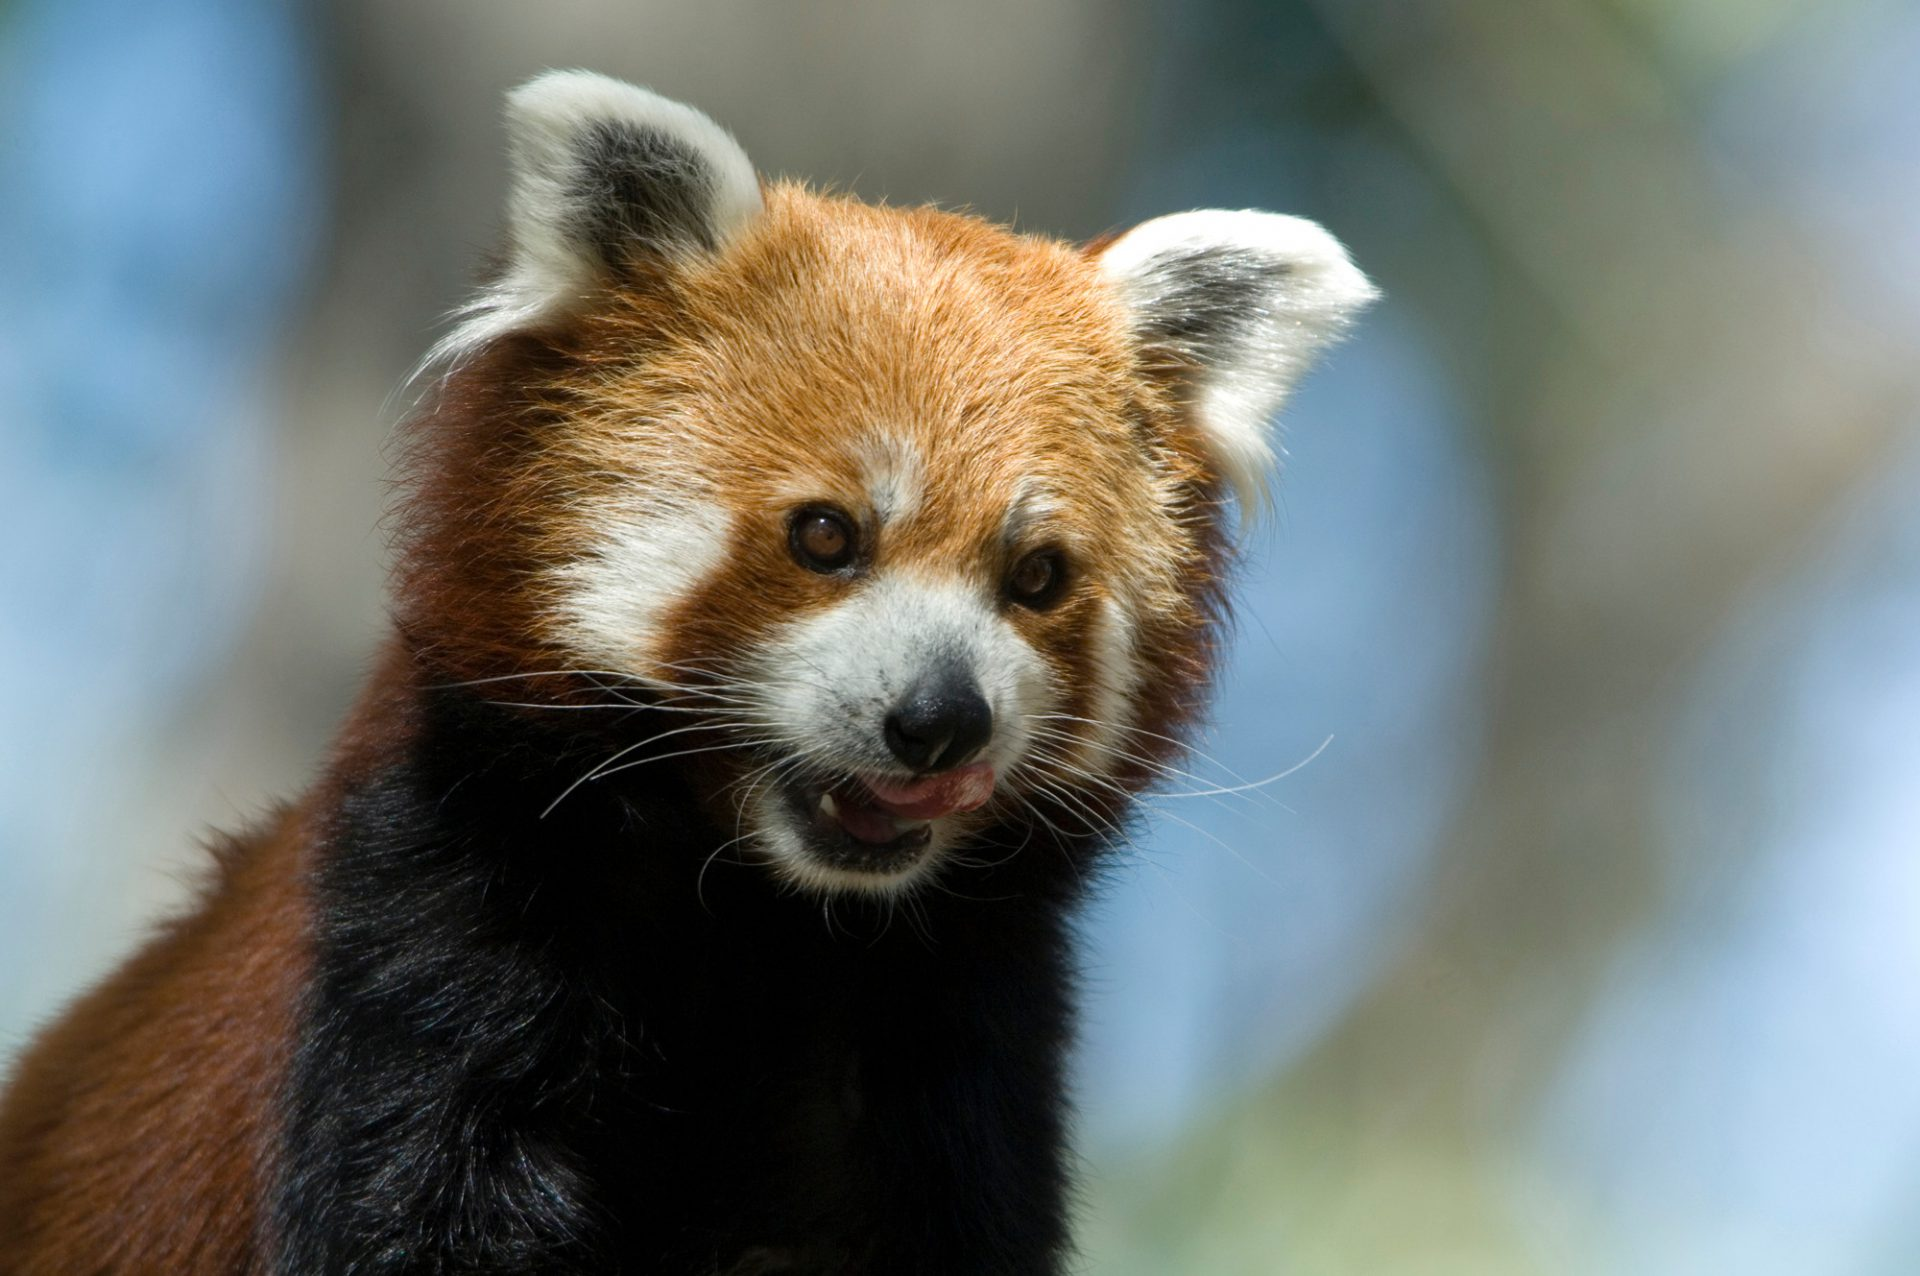 Photo: A red panda at Zoo Montana.